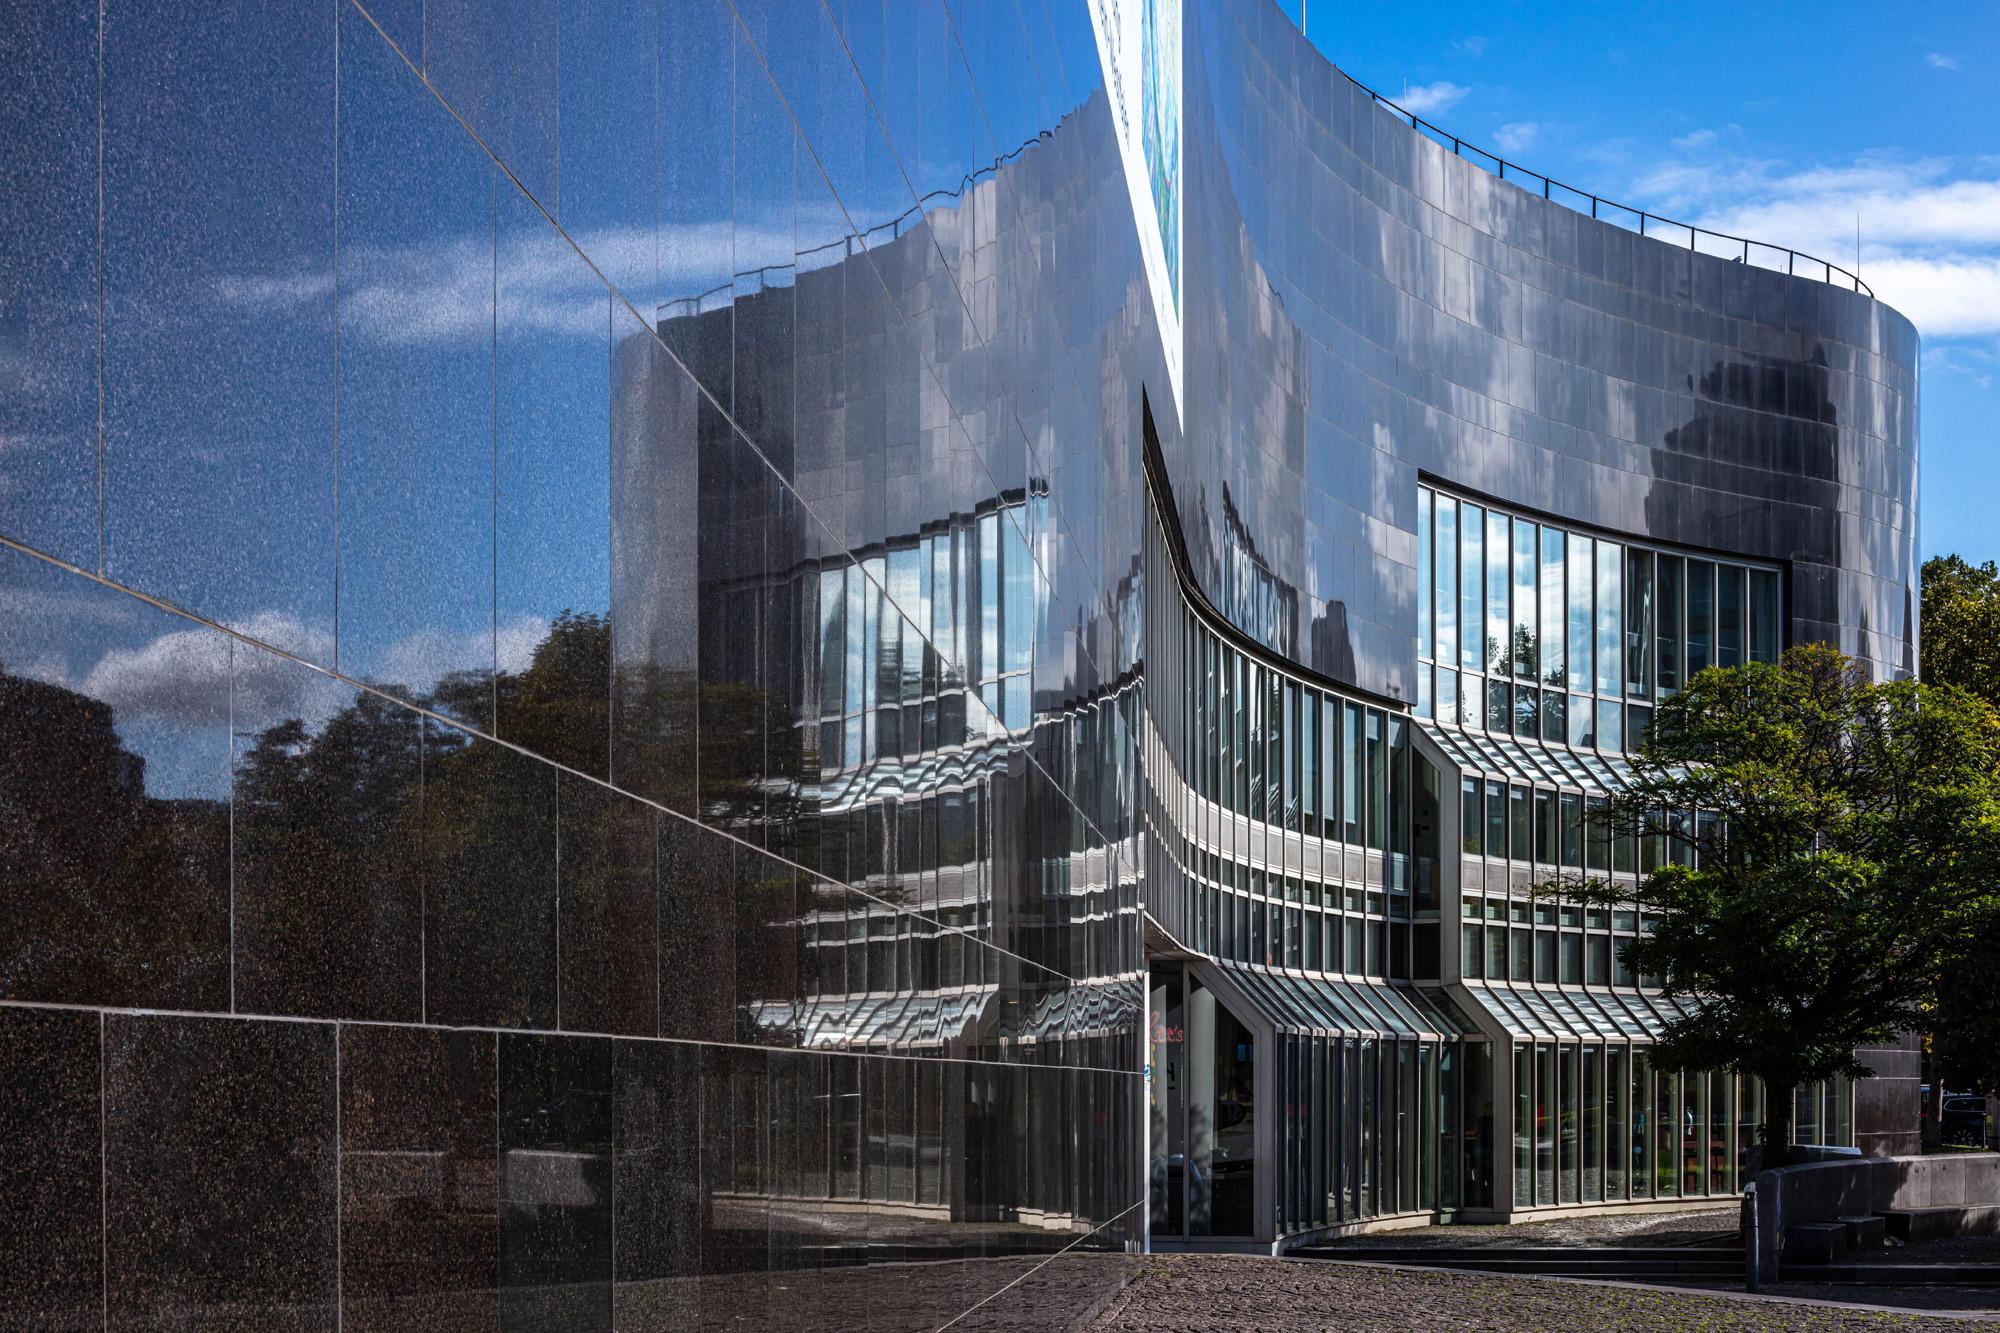 Kunstsammlung Nordrhein Westfalen NRW Düsseldorf K20 Grabbeplatz ArtJunk